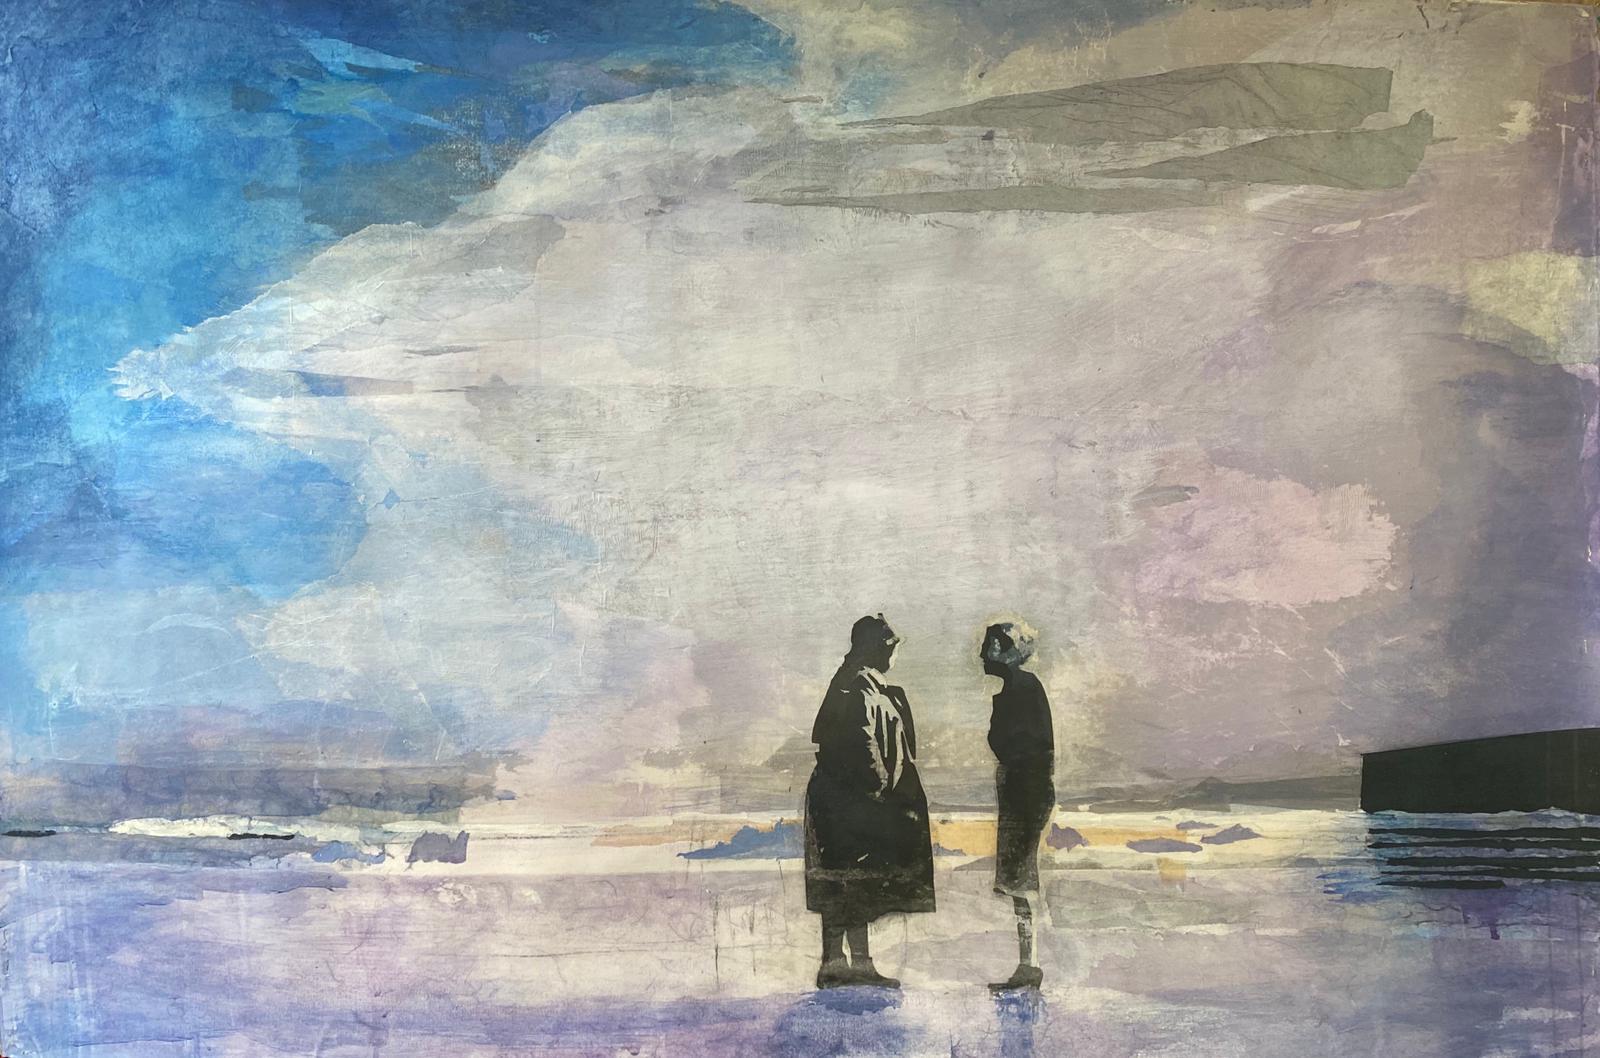 Christiane Wachter, Vor der Flut, 80x121 cm, 2020, Mischtechnik auf Papier